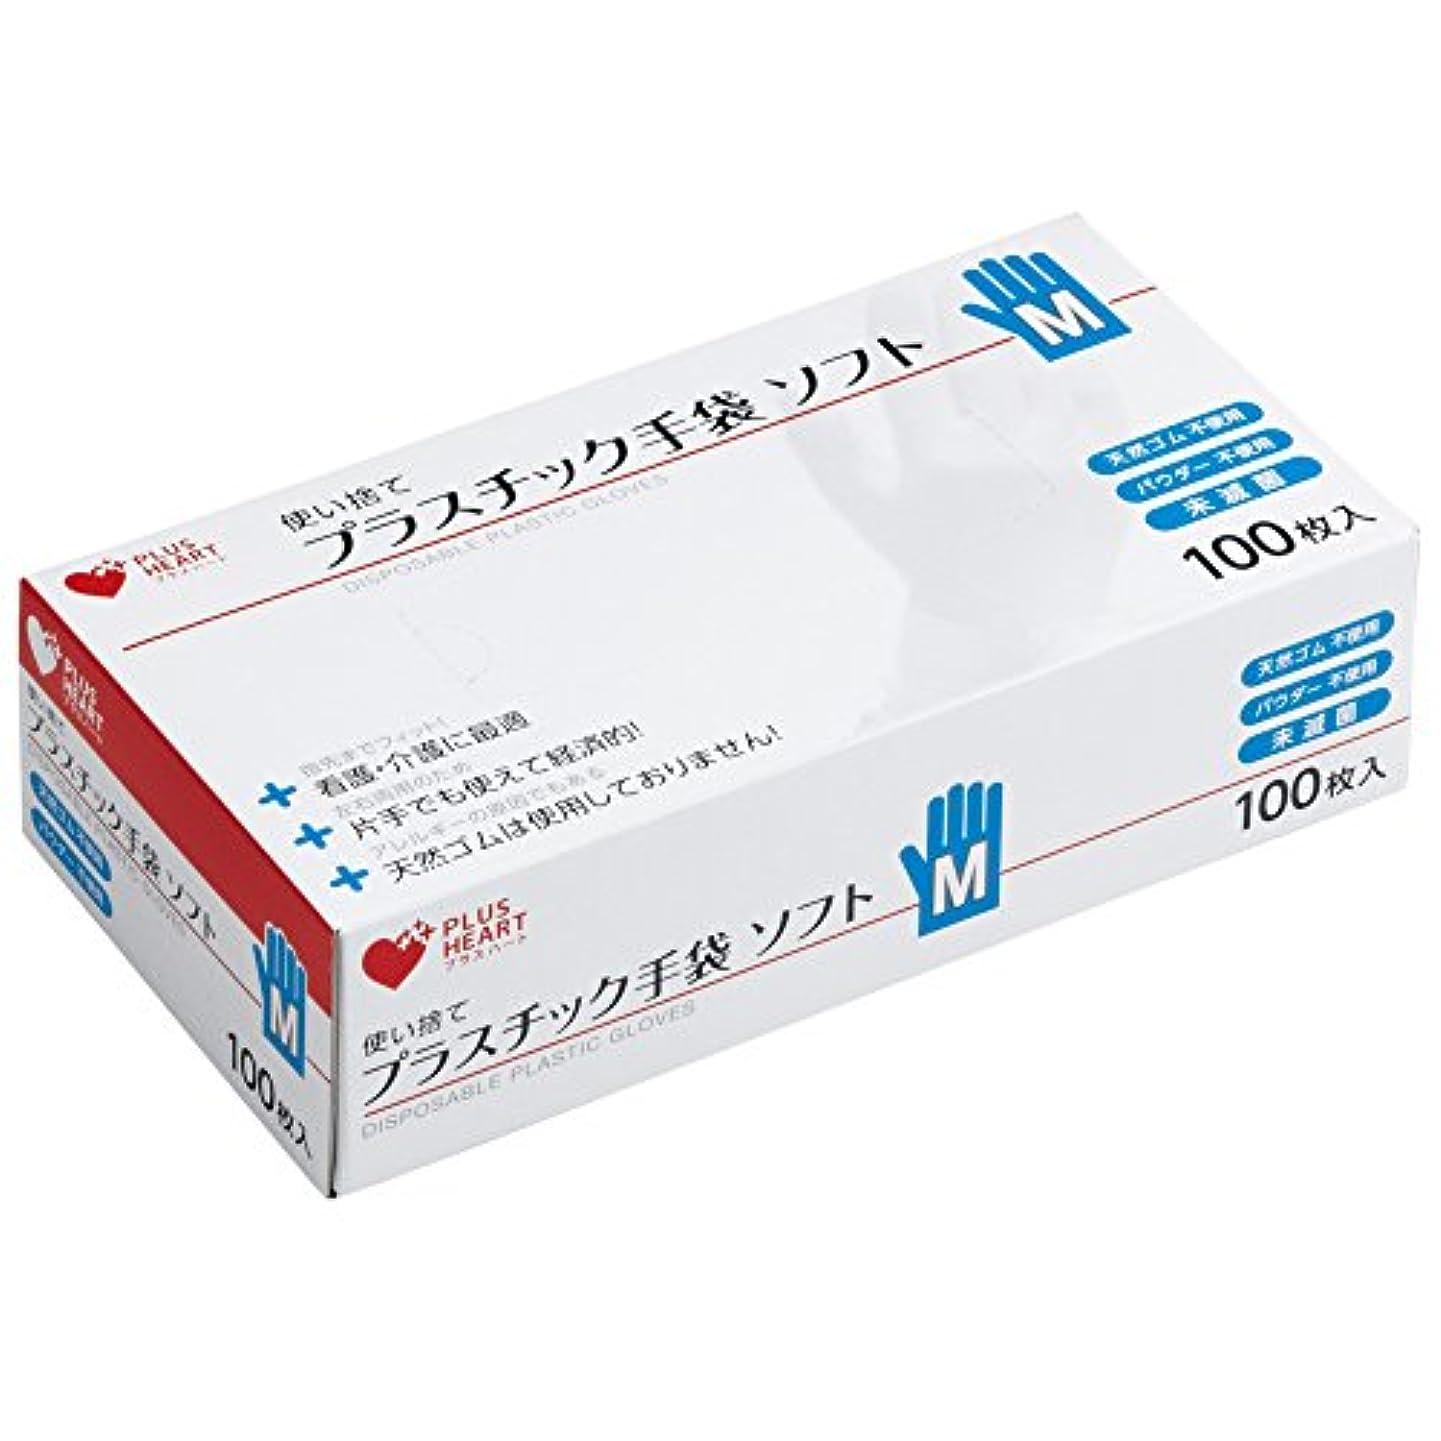 翻訳者アクティビティヘルパーオオサキメディカル プラスハート 使い捨てプラスチック手袋 ソフト Mサイズ 100枚入